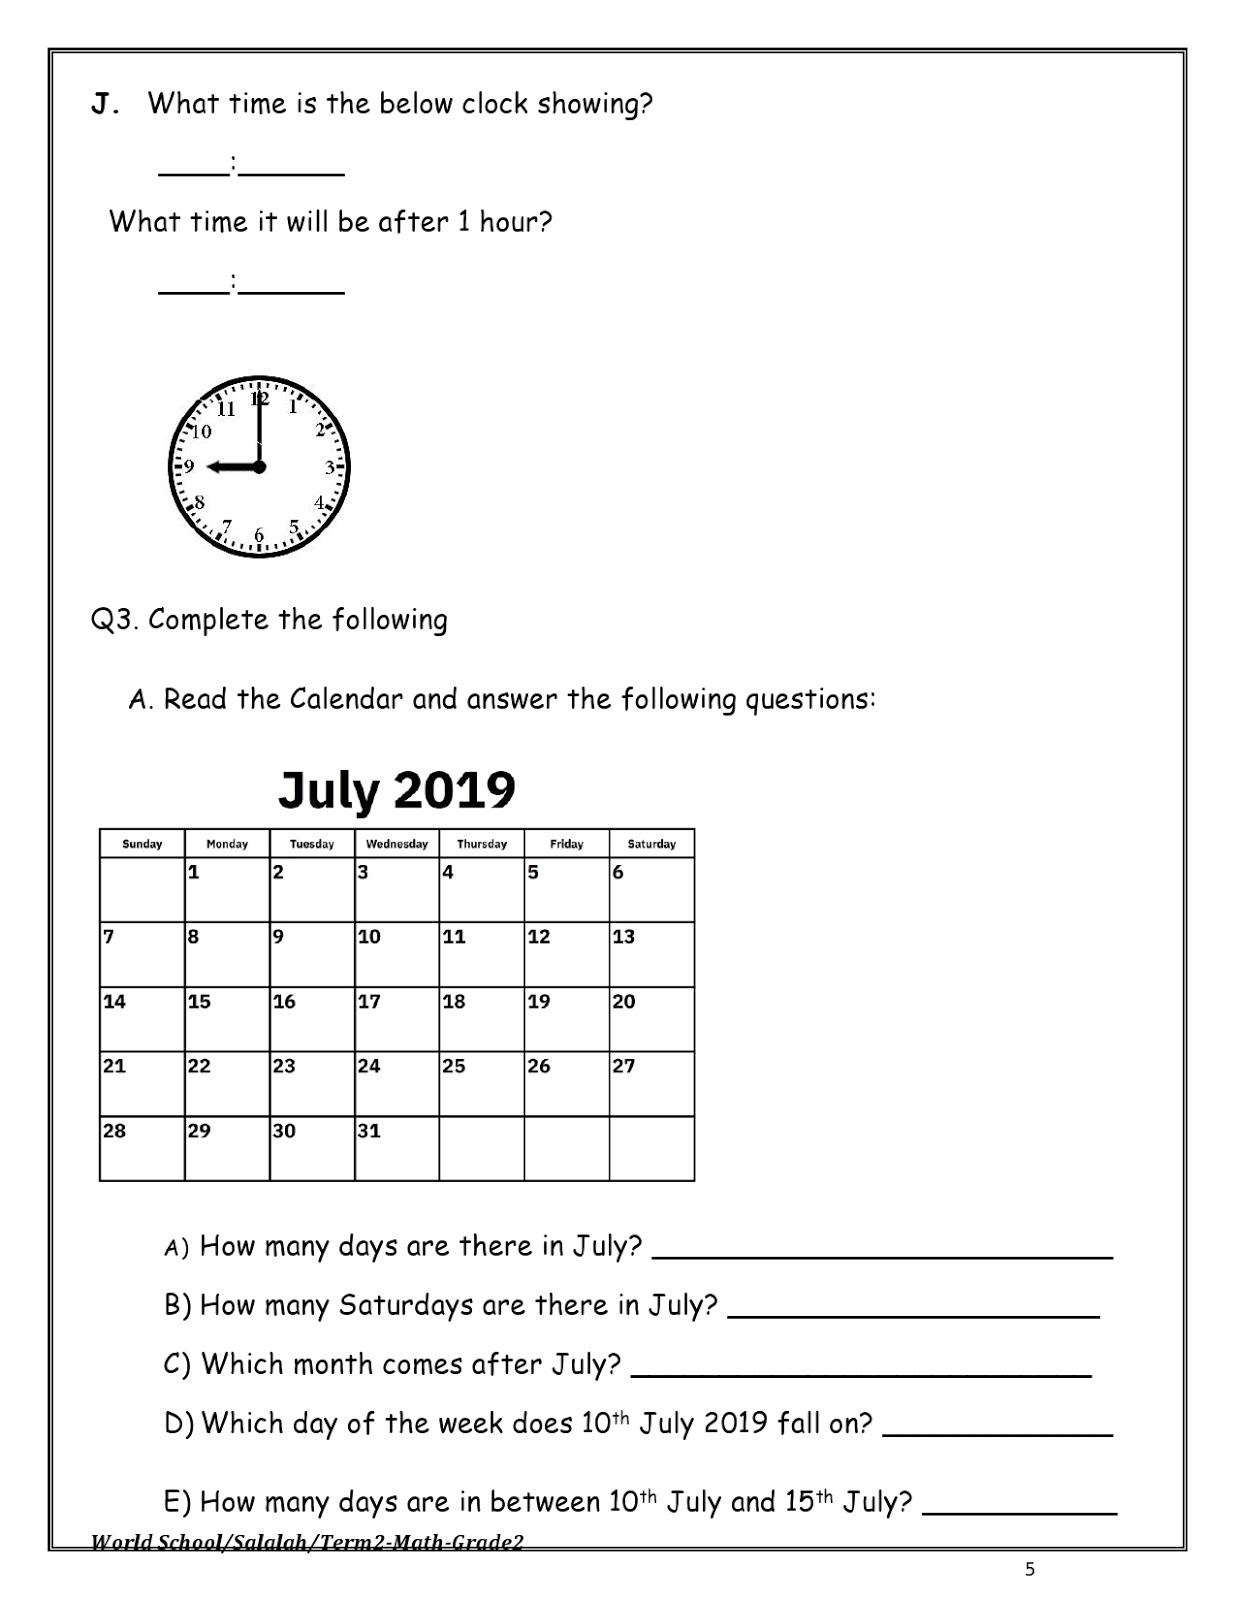 Birla World School Oman Revision Worksheets For Grade 2